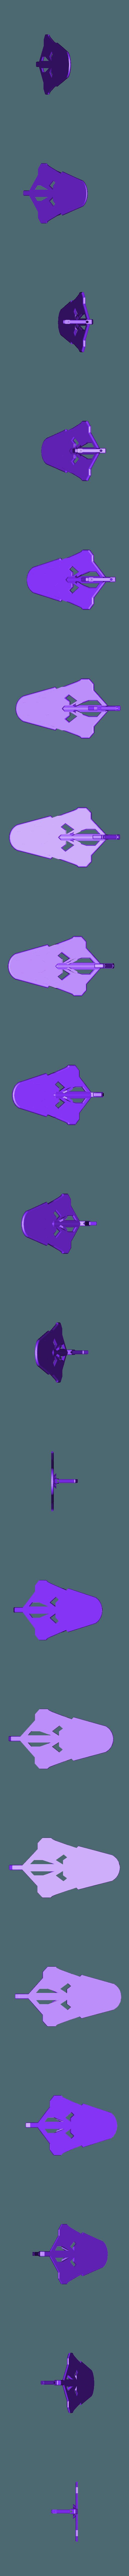 body_3_LED.stl Télécharger fichier STL gratuit Truelle sonique (LED) • Design à imprimer en 3D, poblocki1982